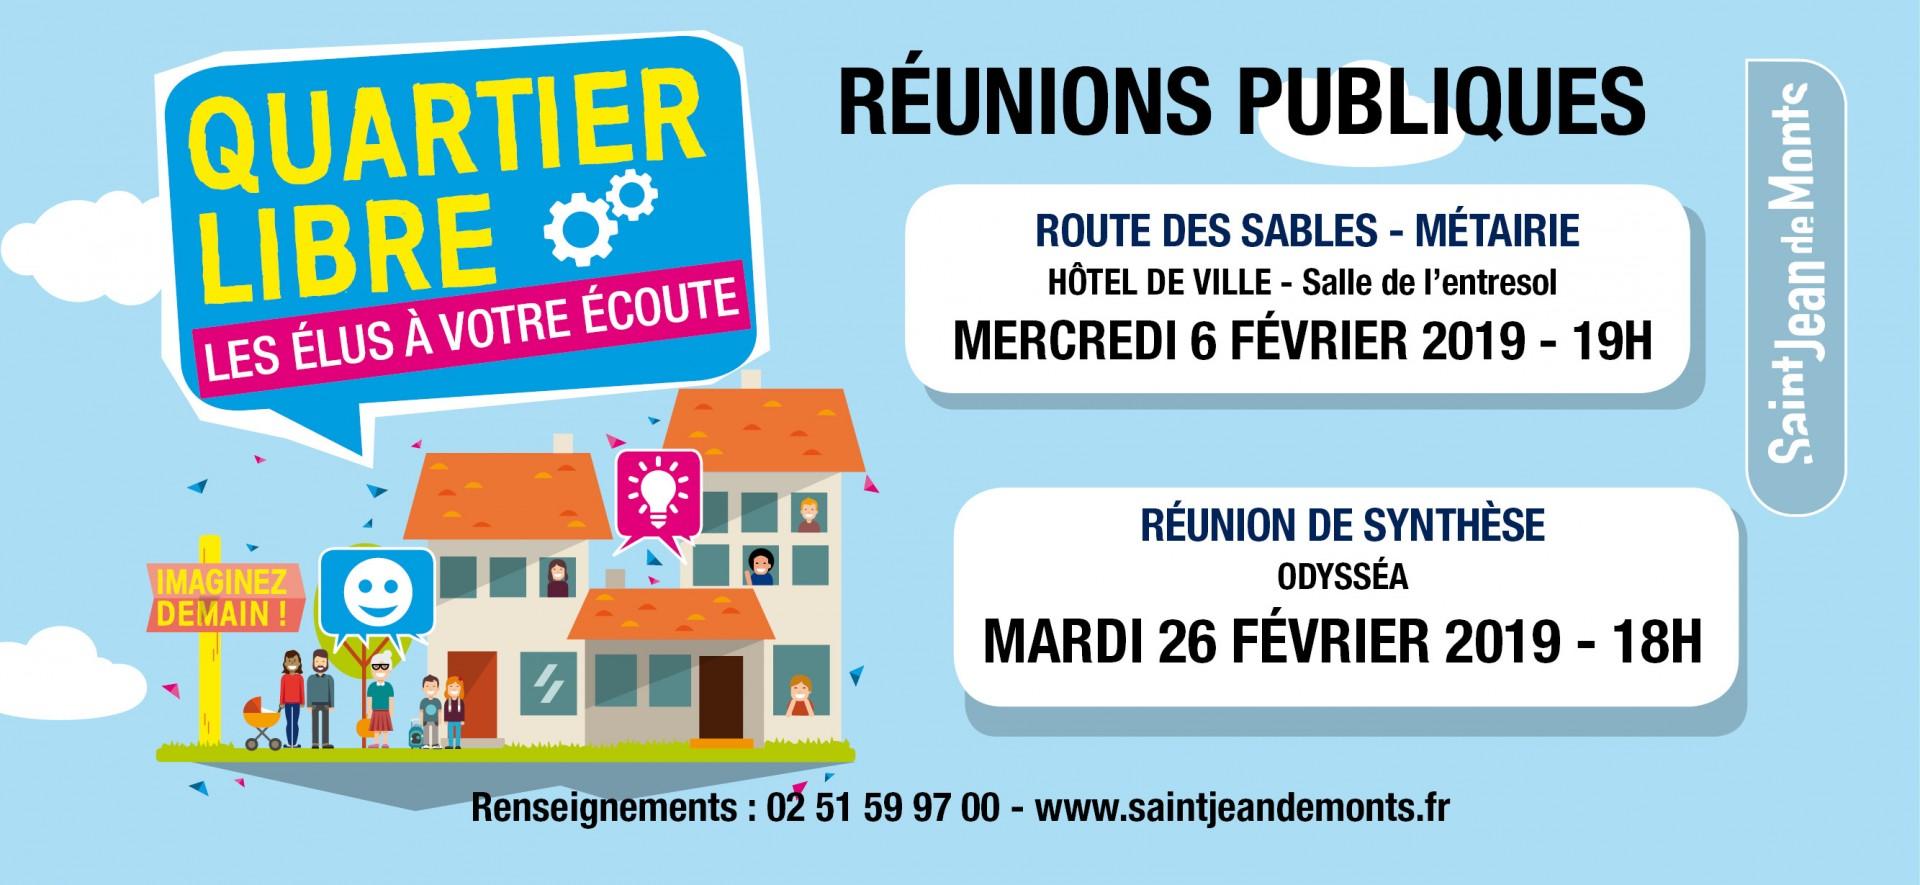 quartier-libre-caroussel-fev2019-7481